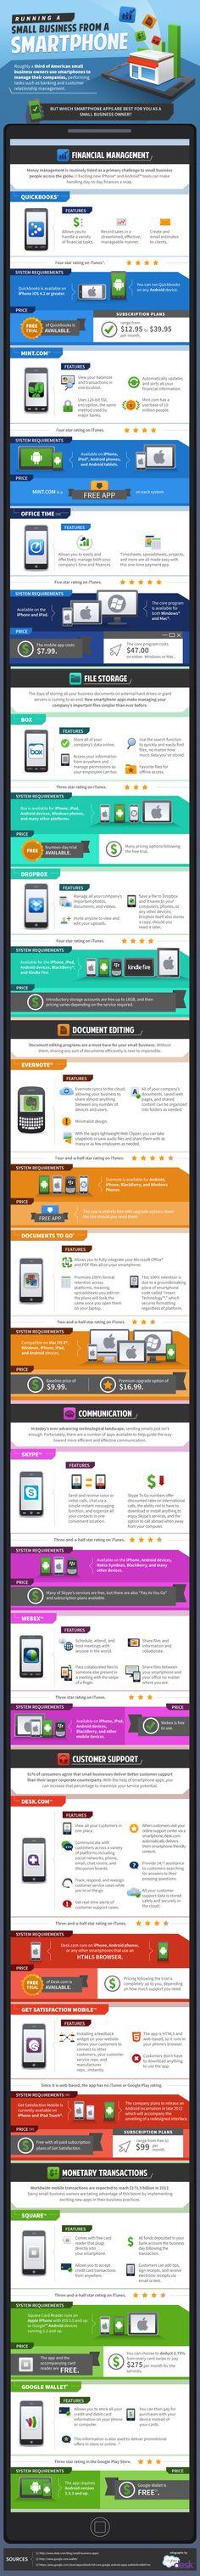 Infográfico de como gerir um negócio a partir de um smartphone.